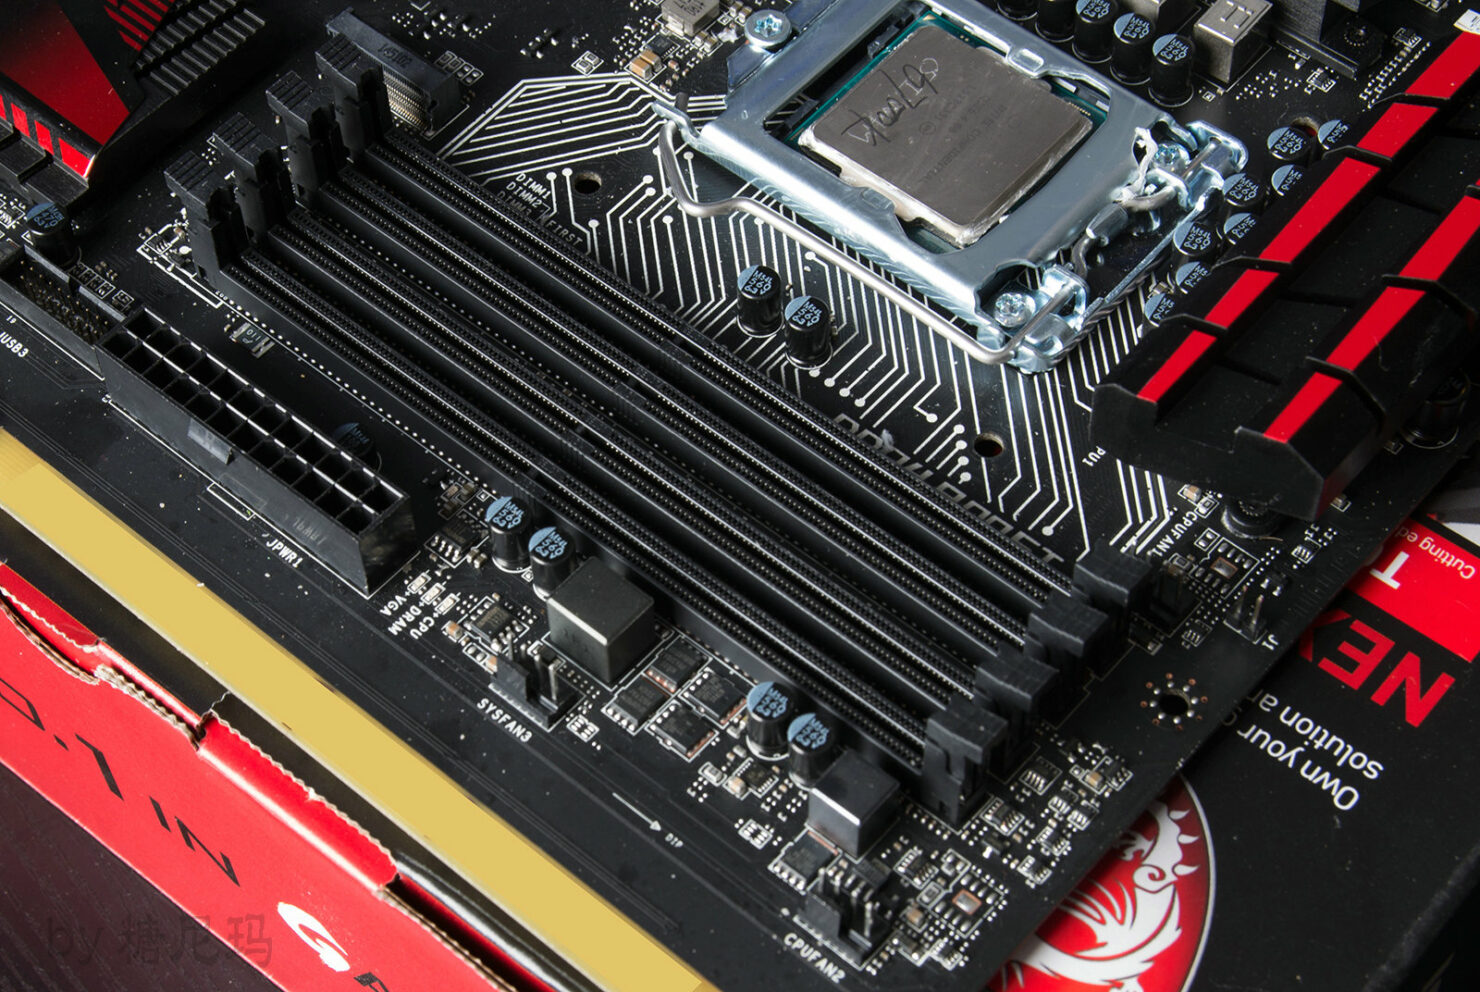 intel-core-i7-6700k-vs-core-i7-4790k_ddr4